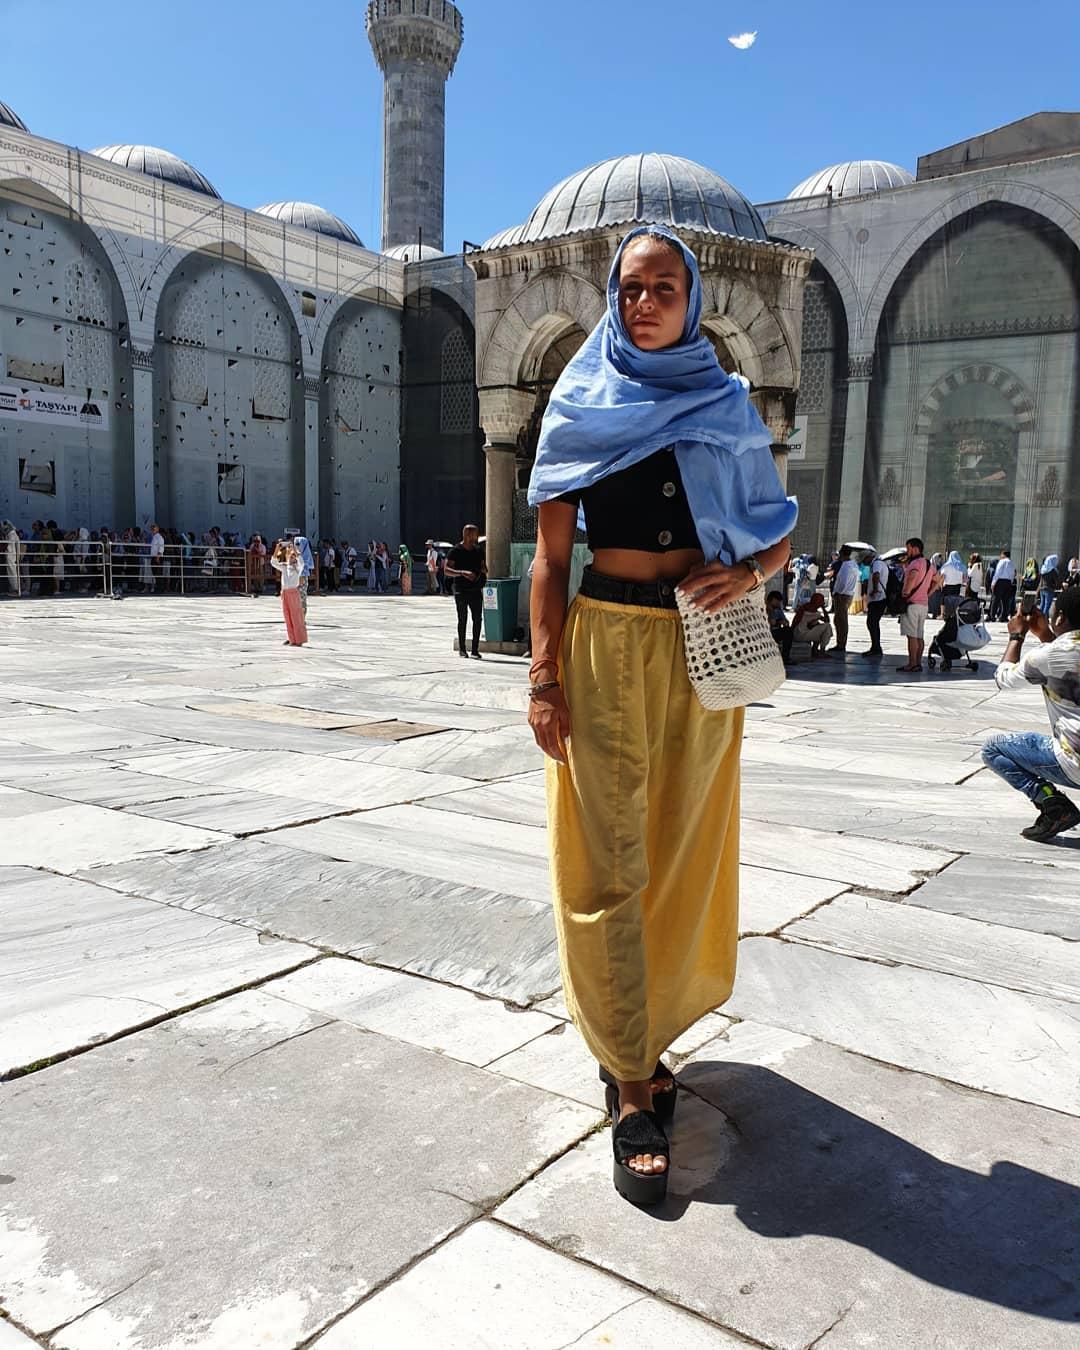 Θύελλα αντιδράσεων για την Κατερίνα Δαλάκα - Εμφανίστηκε με μαντίλα στην Κωνσταντινούπολη